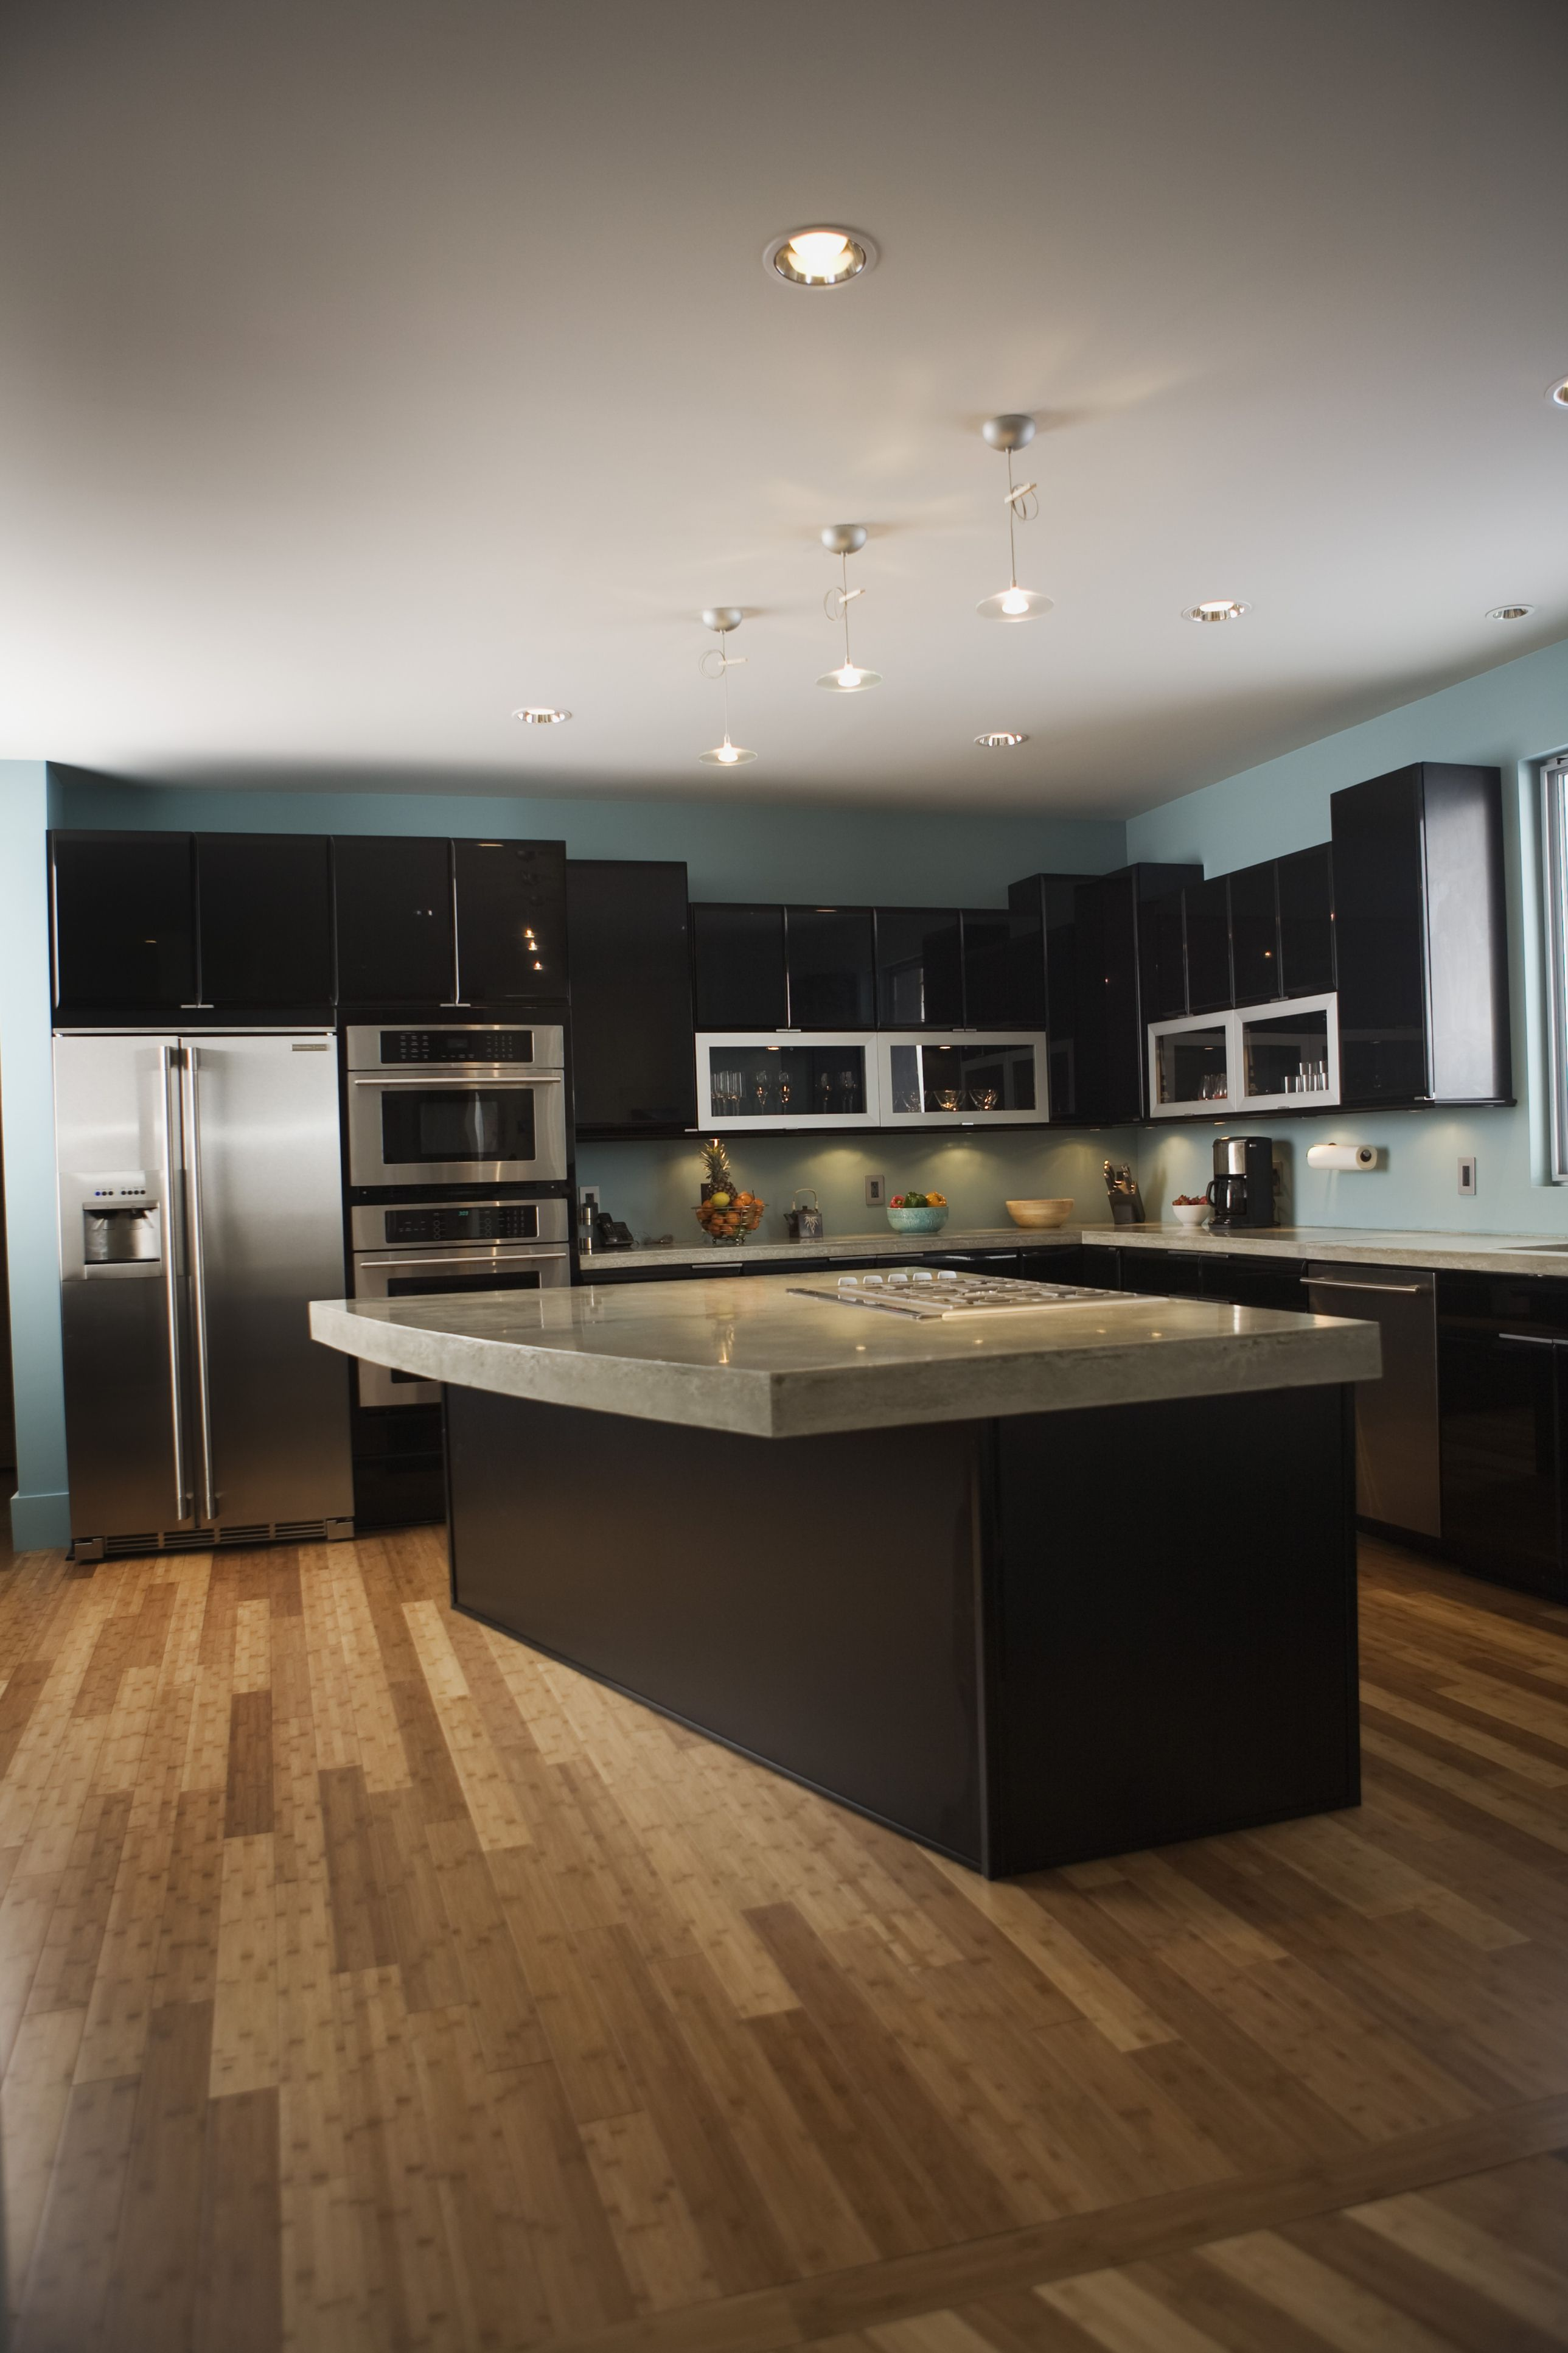 10 consejos para optimizar el espacio de tu cocina | Cocinas, Cocina ...